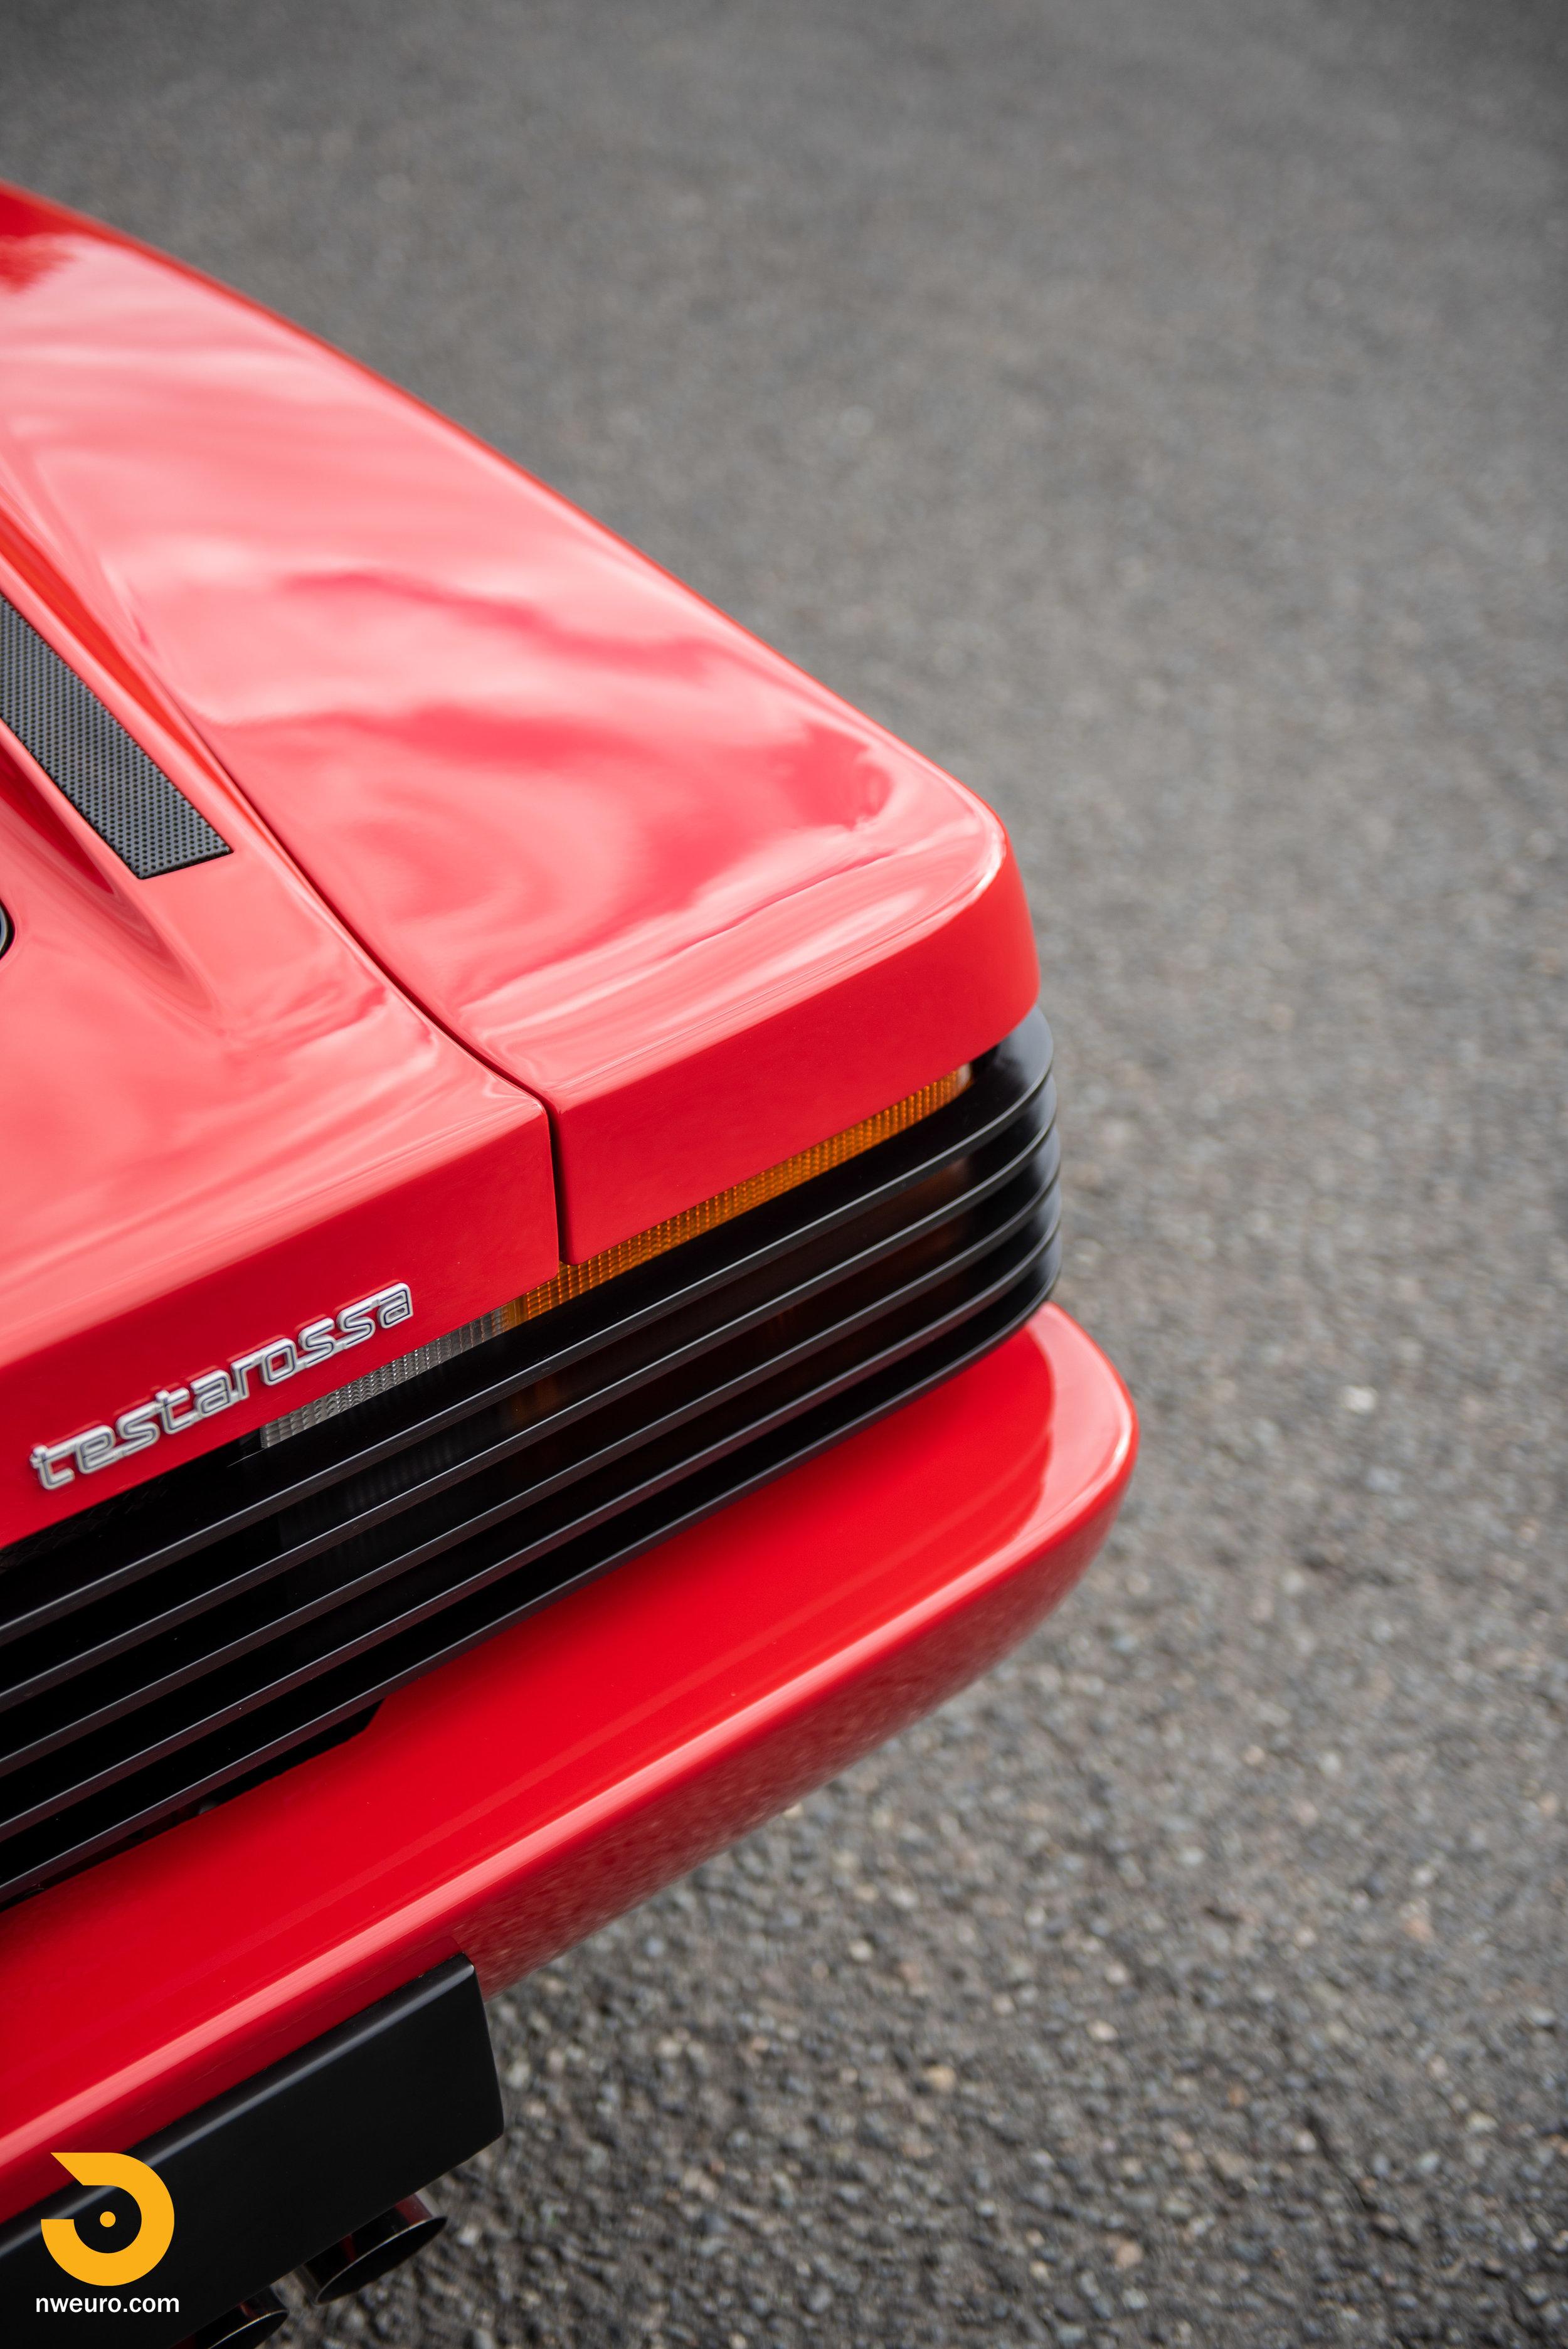 1988 Ferrari Testarossa-13.jpg